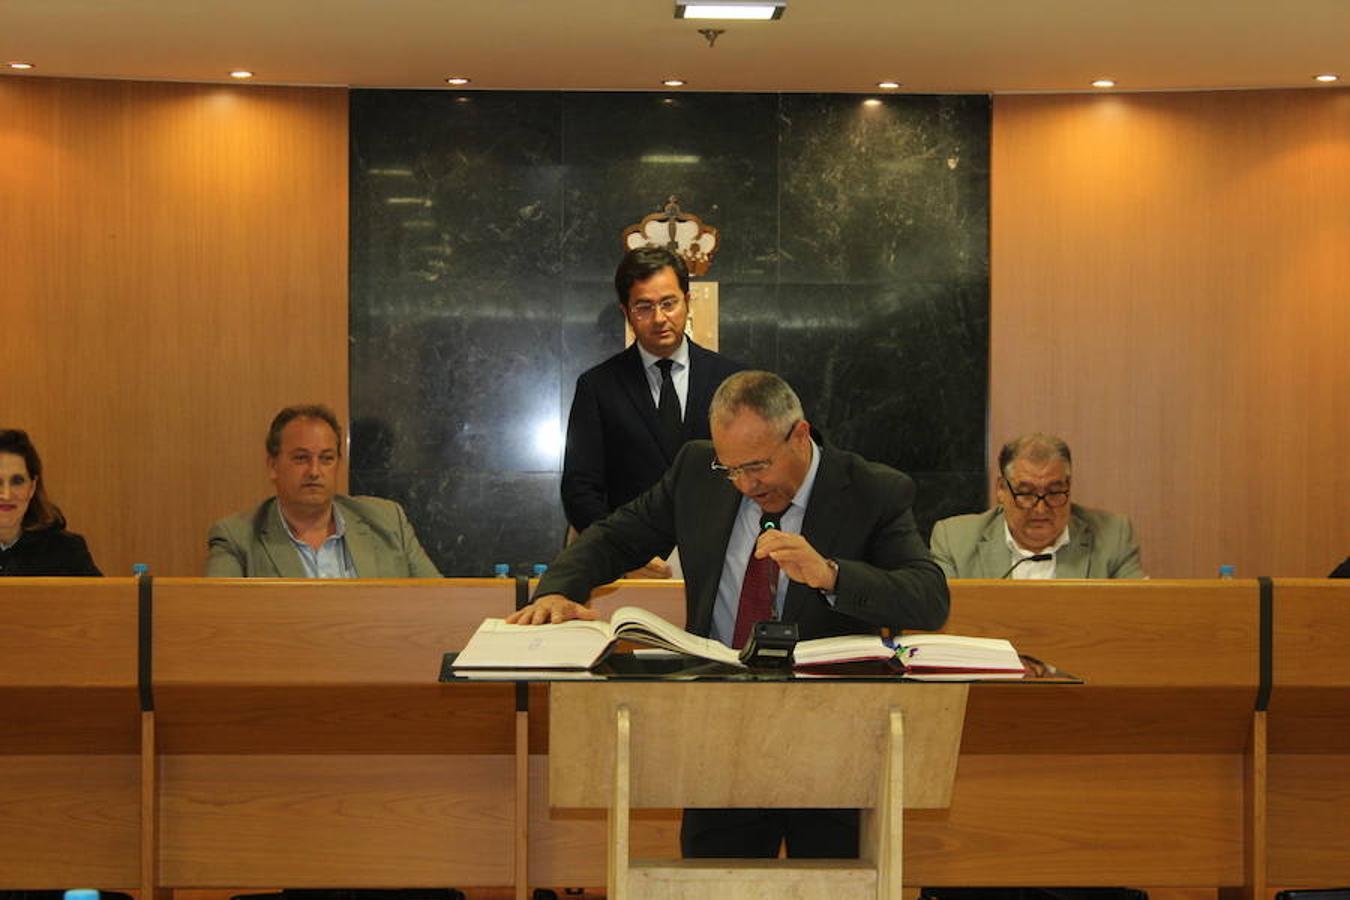 Seis concejales toman posesión del cargo en el Pleno de abril